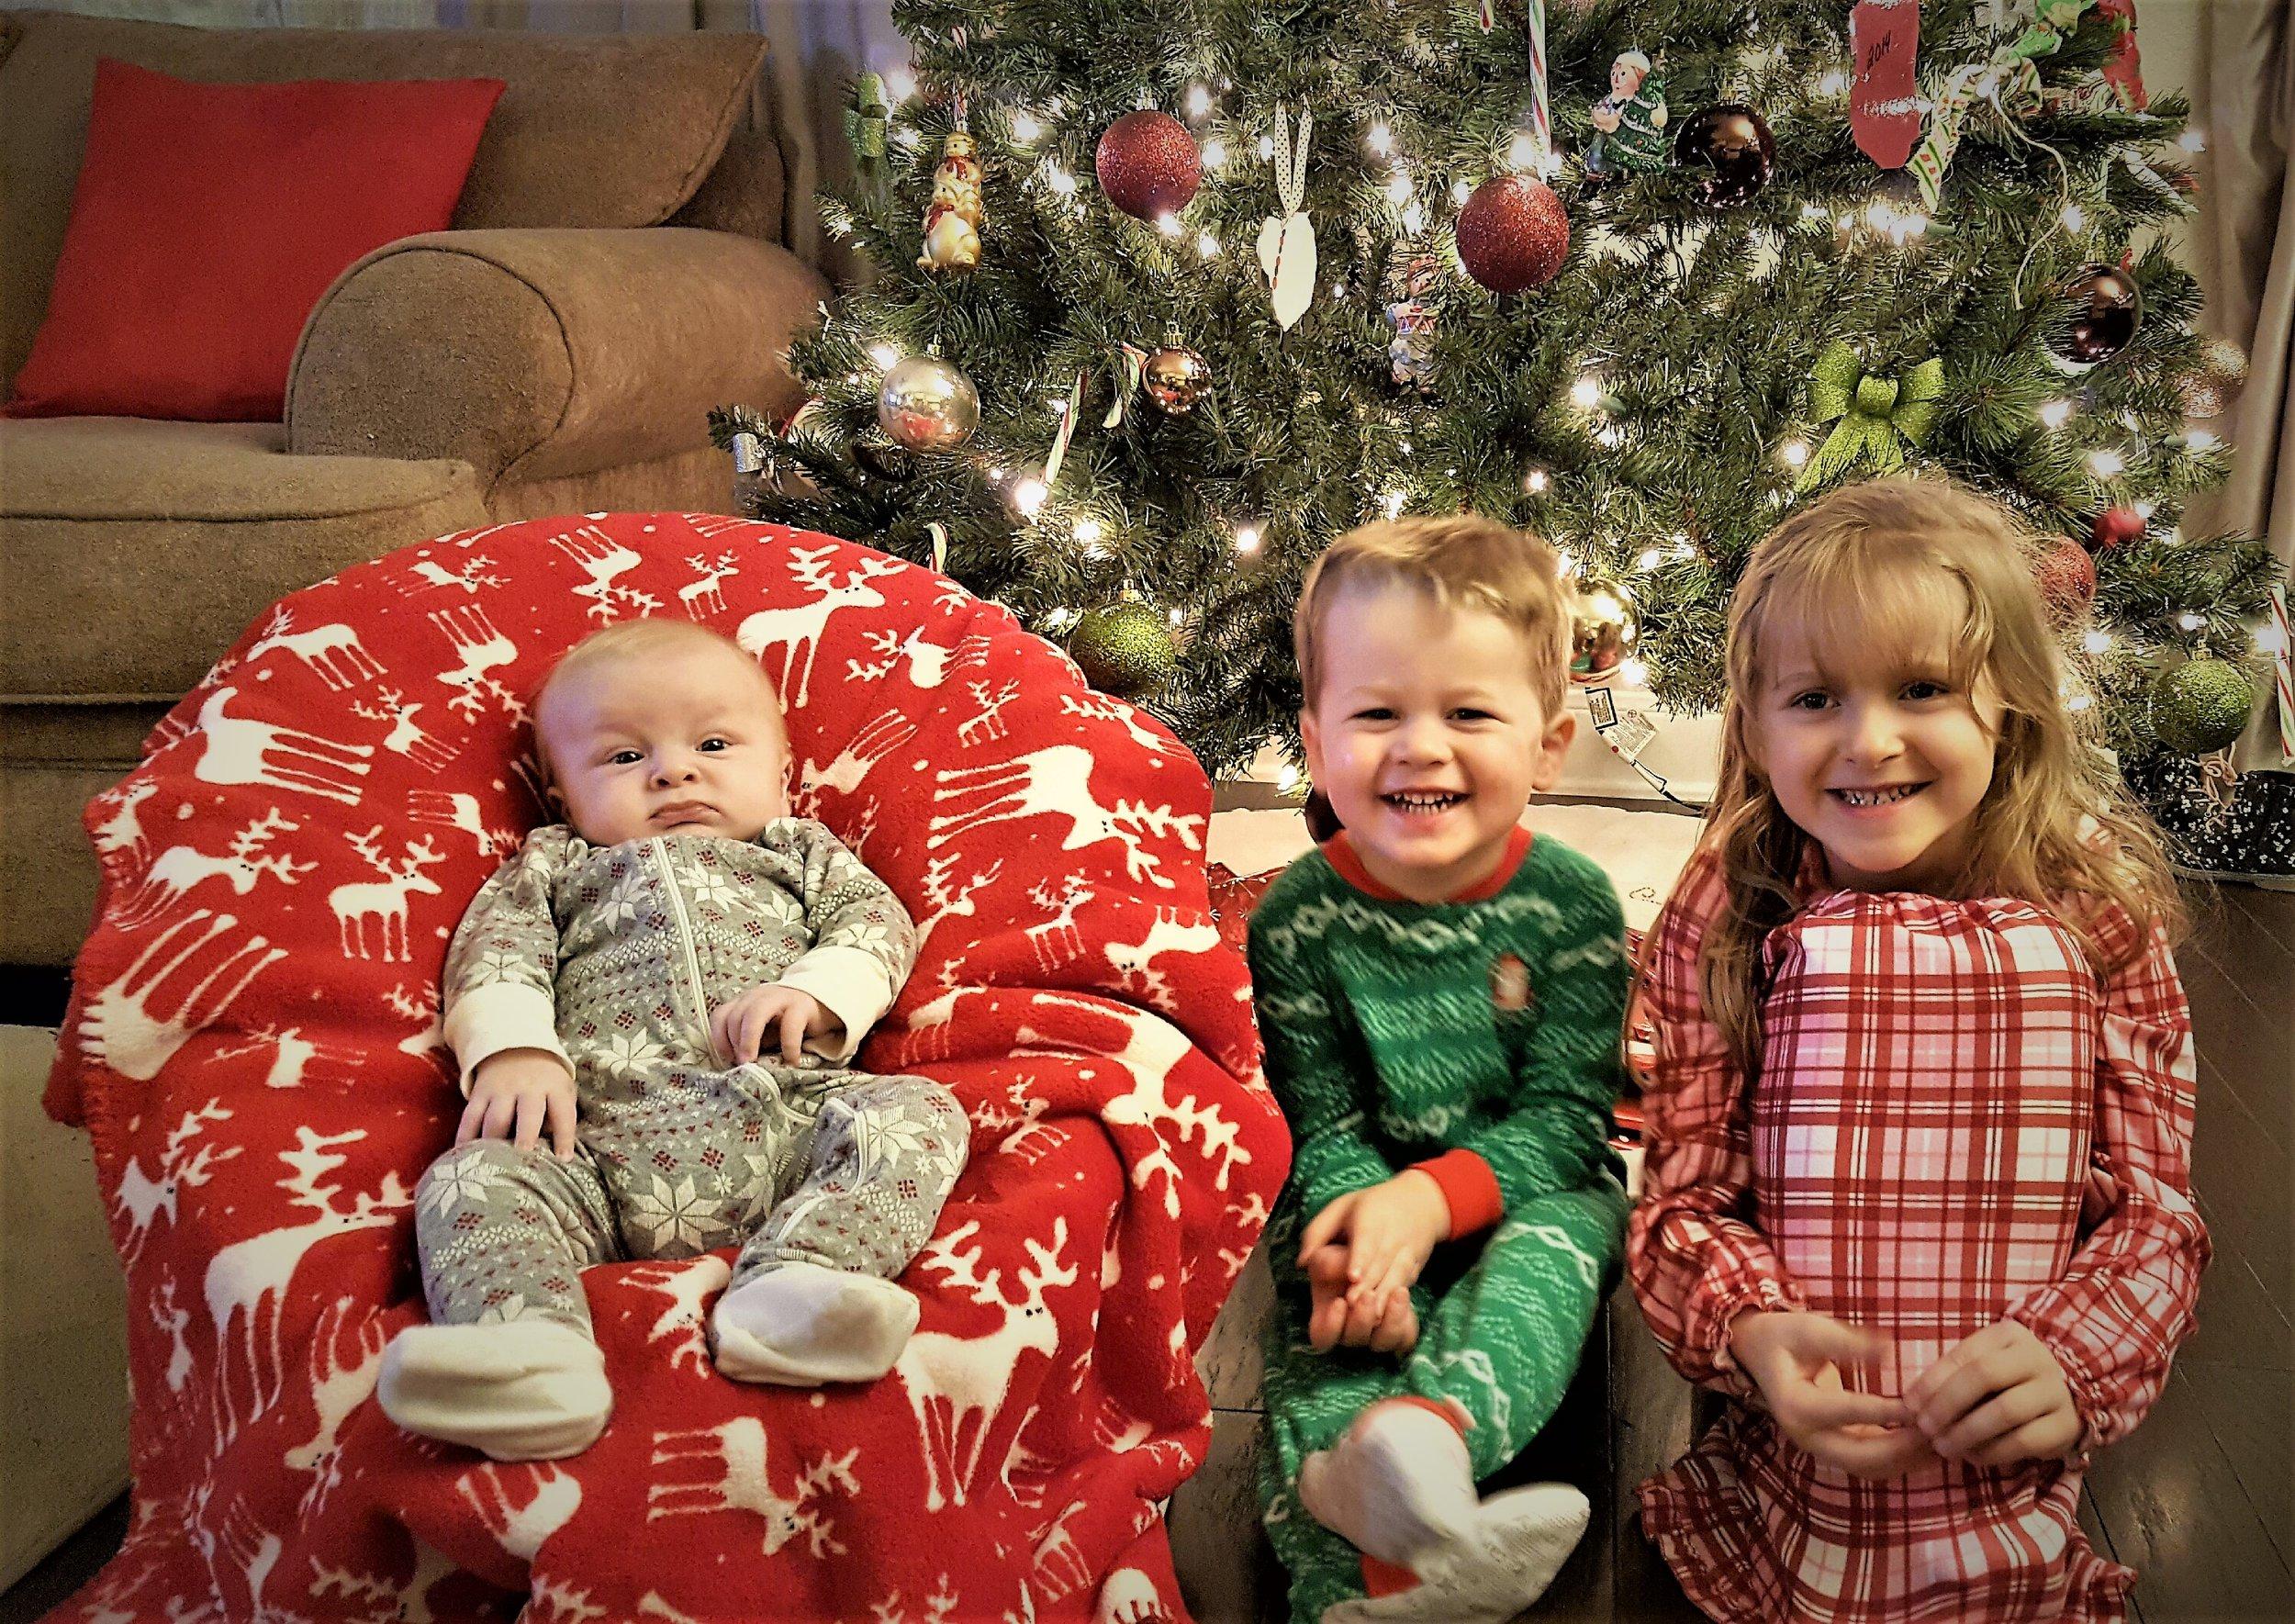 Looking so cute in their new Christmas pj's last year!